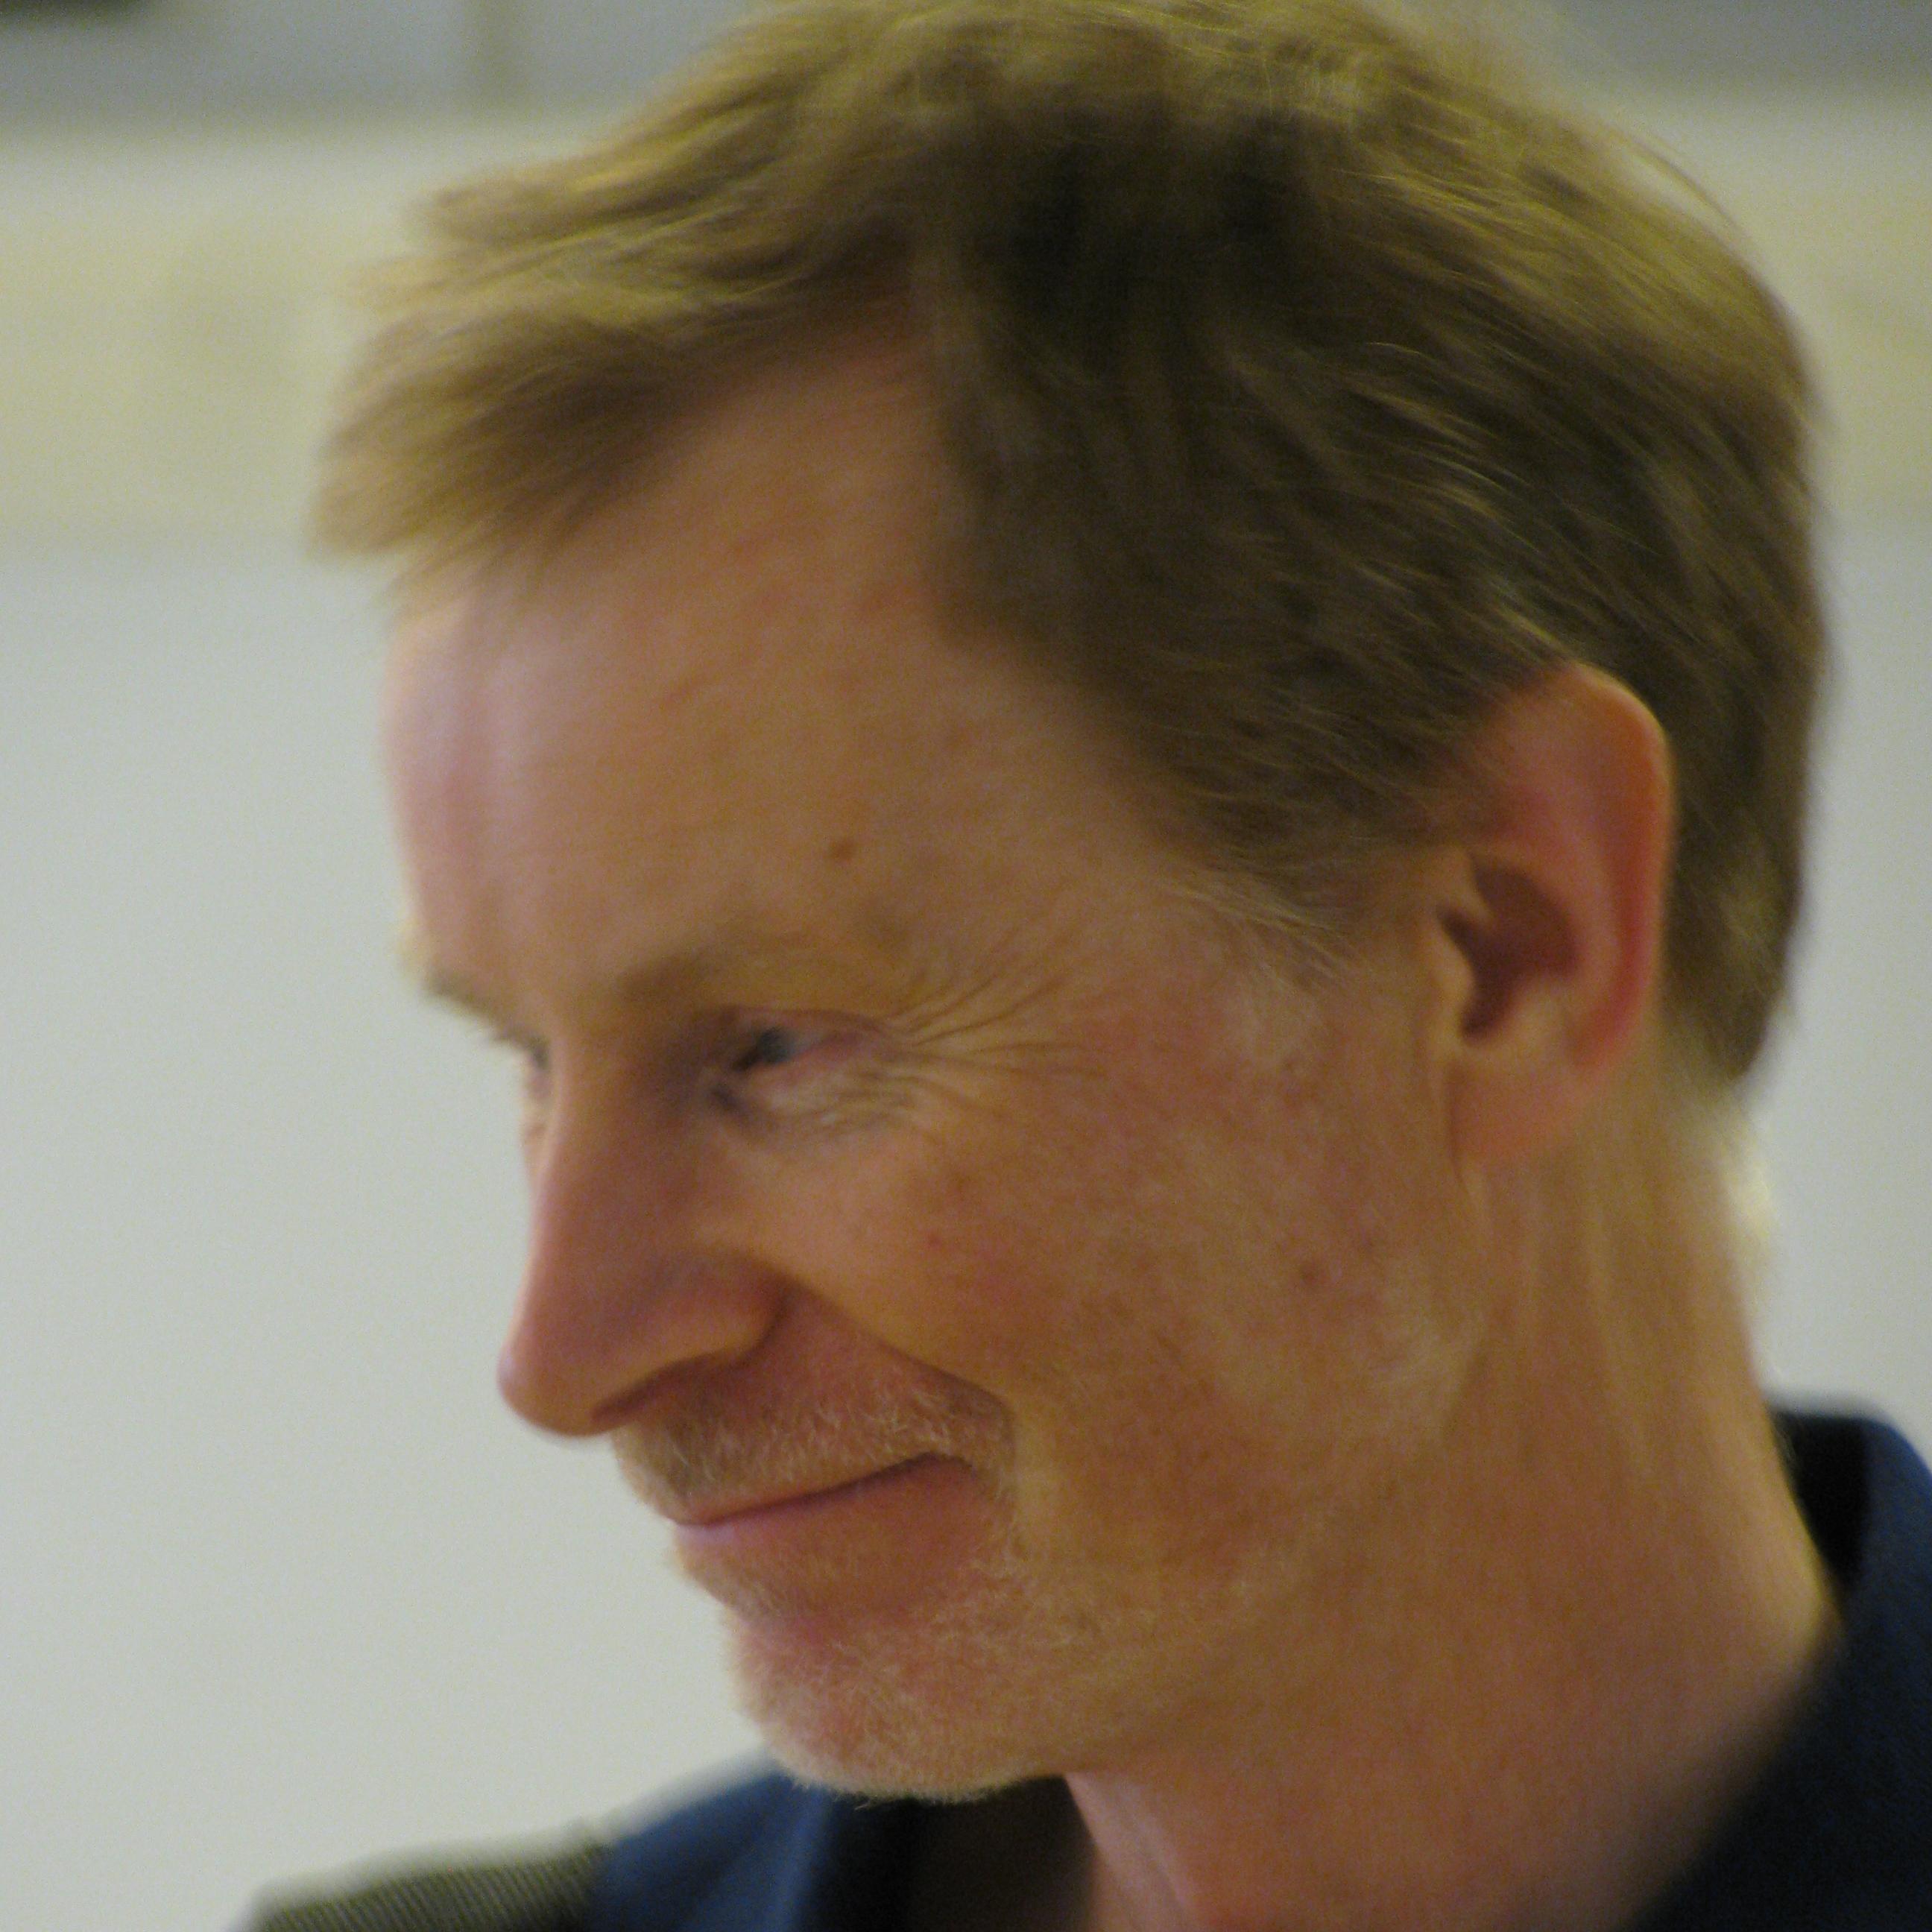 Gerard Joseph Bennett